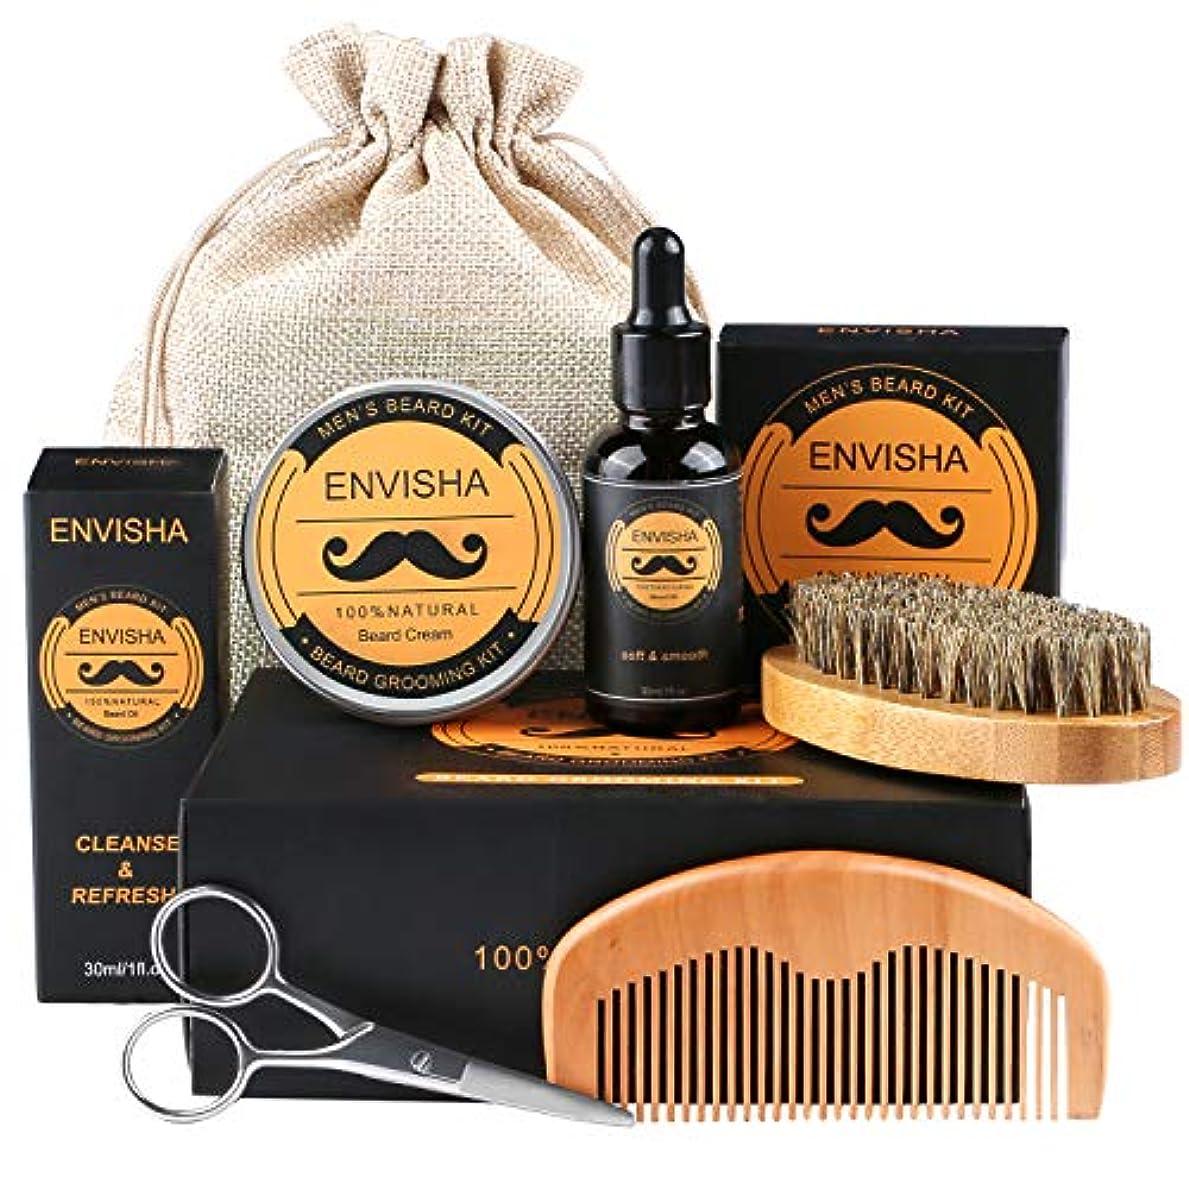 Beard Kit、Fixget Beard Care Kit(無料のひげの手入れとトリミングキット付き)100%のイノシシのひげのブラシ、木のひげの櫛、ひげ、男性のための口ひげのはさみお父さん夫